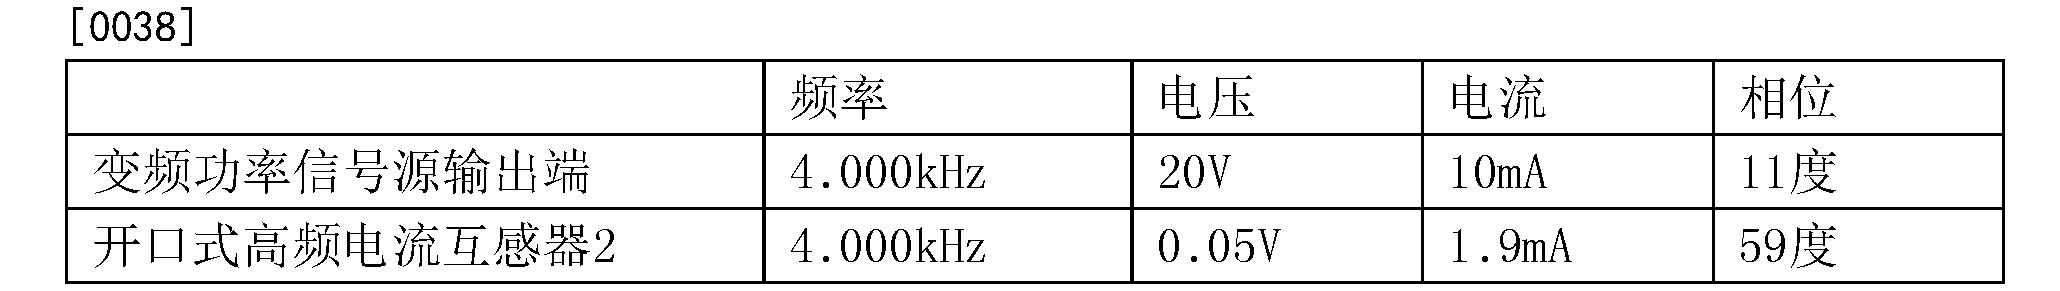 Figure CN103926514BD00083